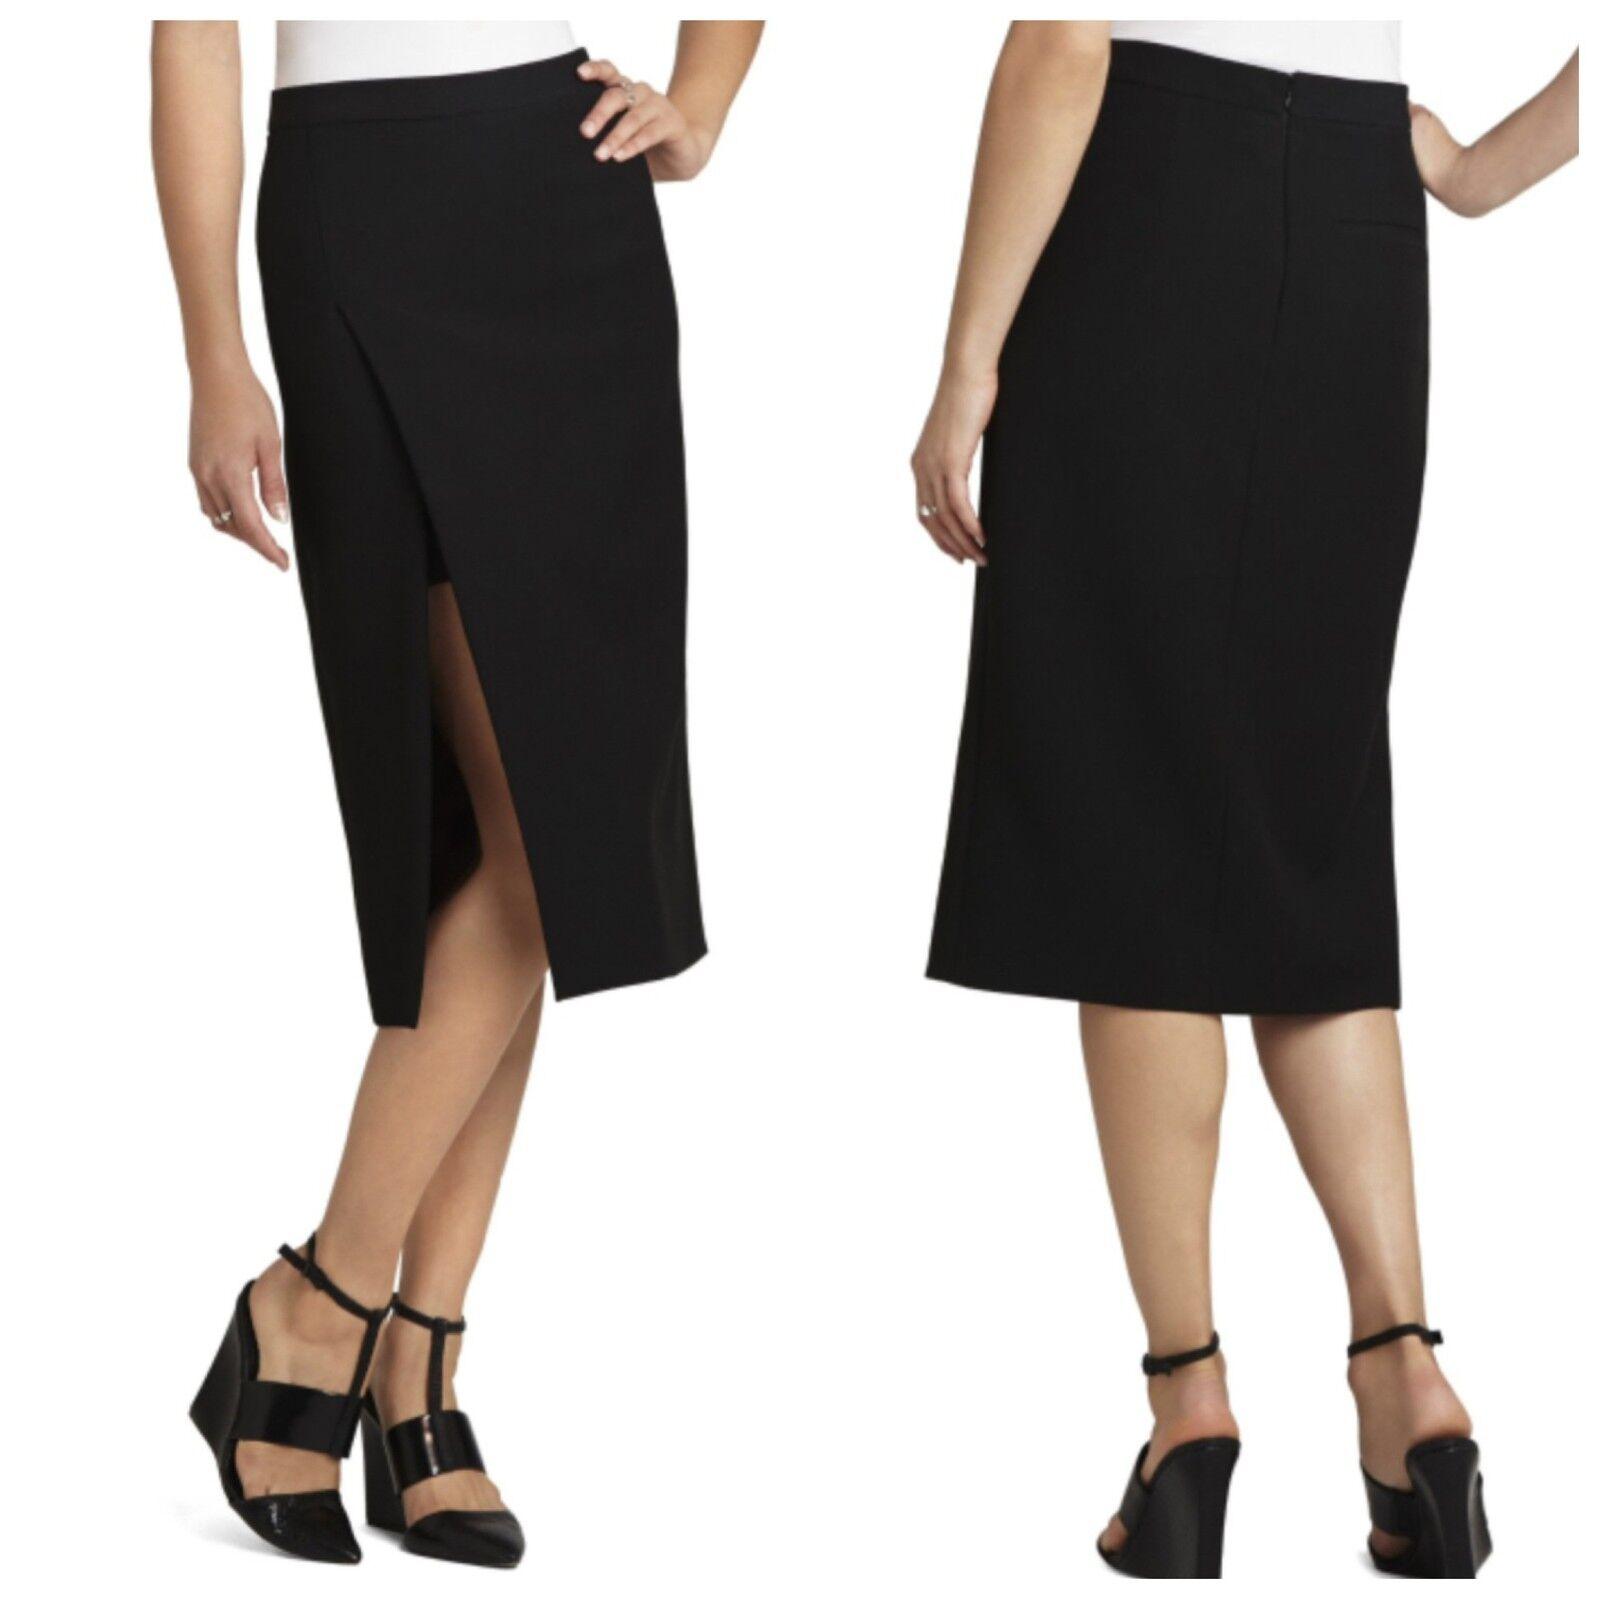 411d504cf5 BCBG Max Azria Black Grayce Pencil Skirt Izd3e809 Sizes 10 for sale ...